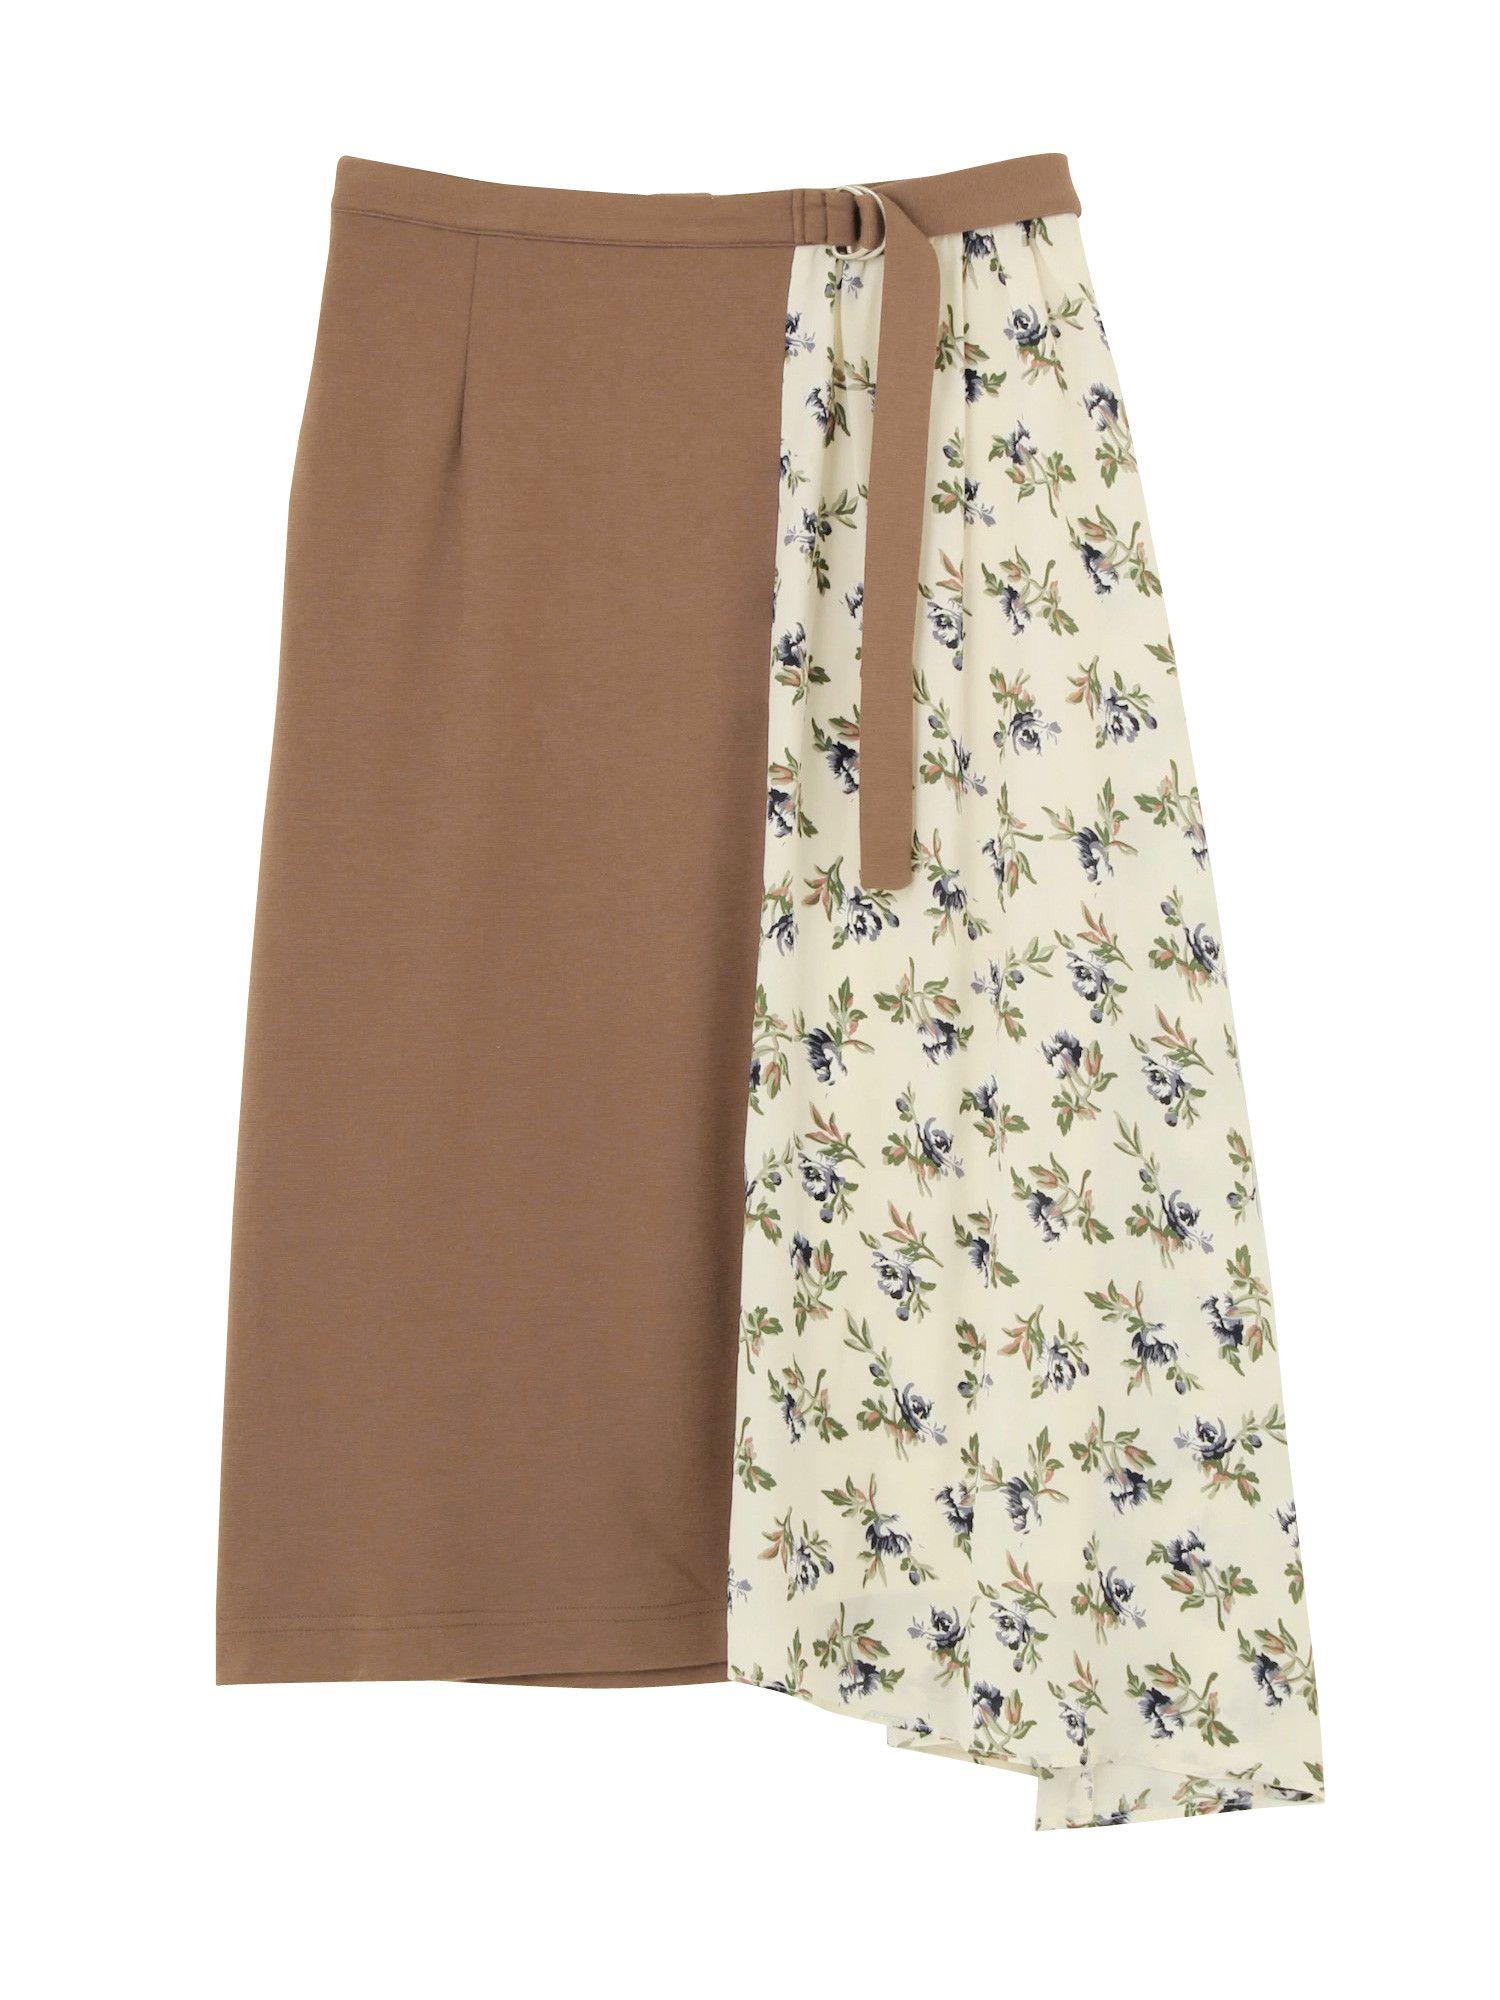 フラワーレイヤード風スカート